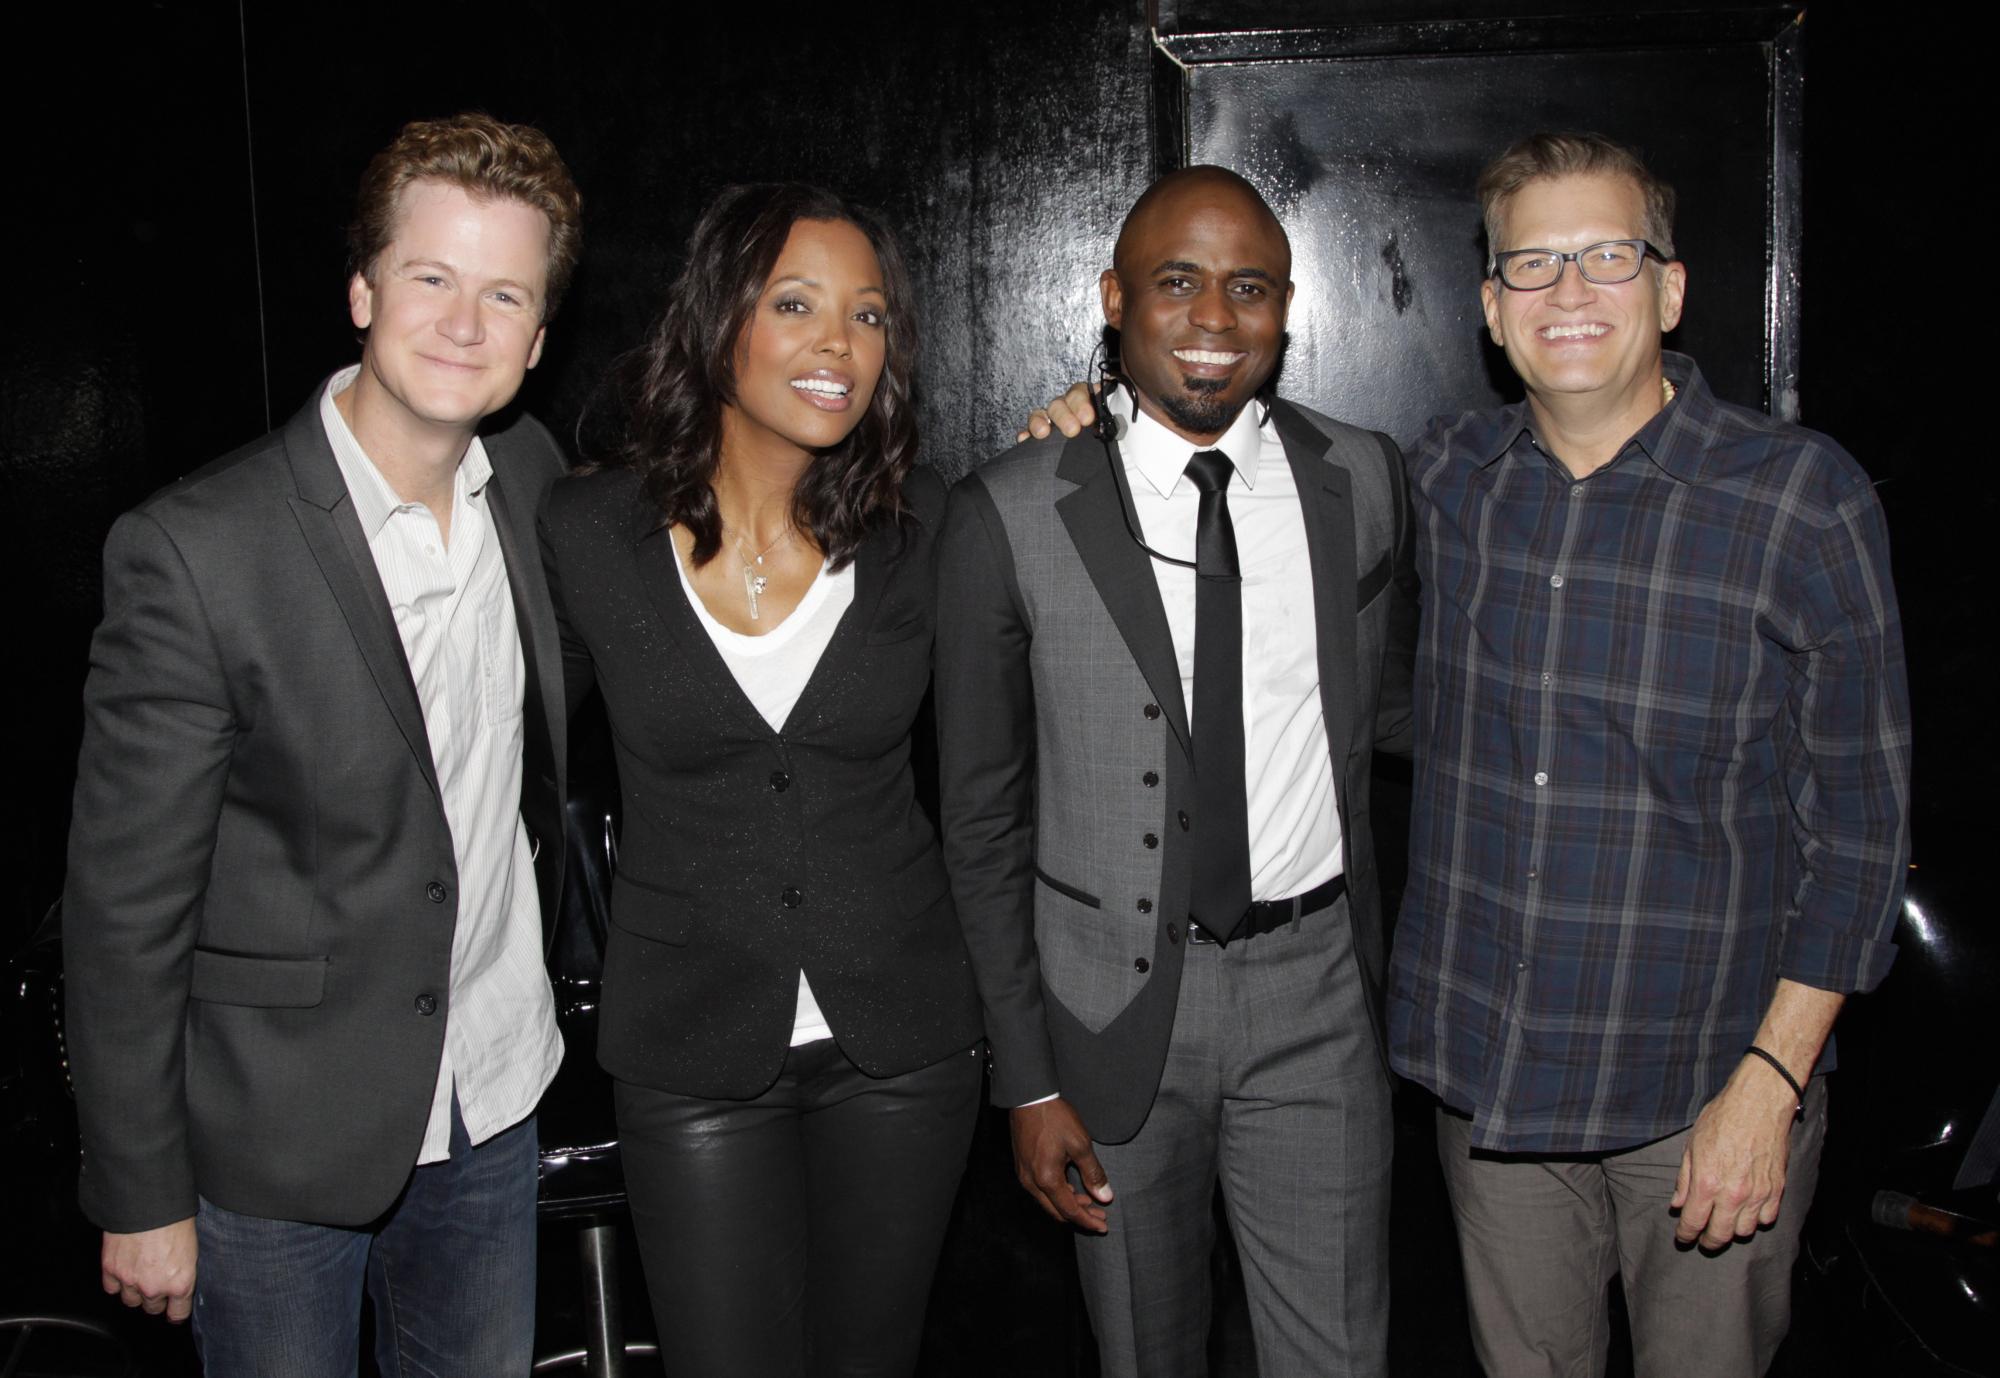 Jonathan, Aisha, Wayne, and Drew